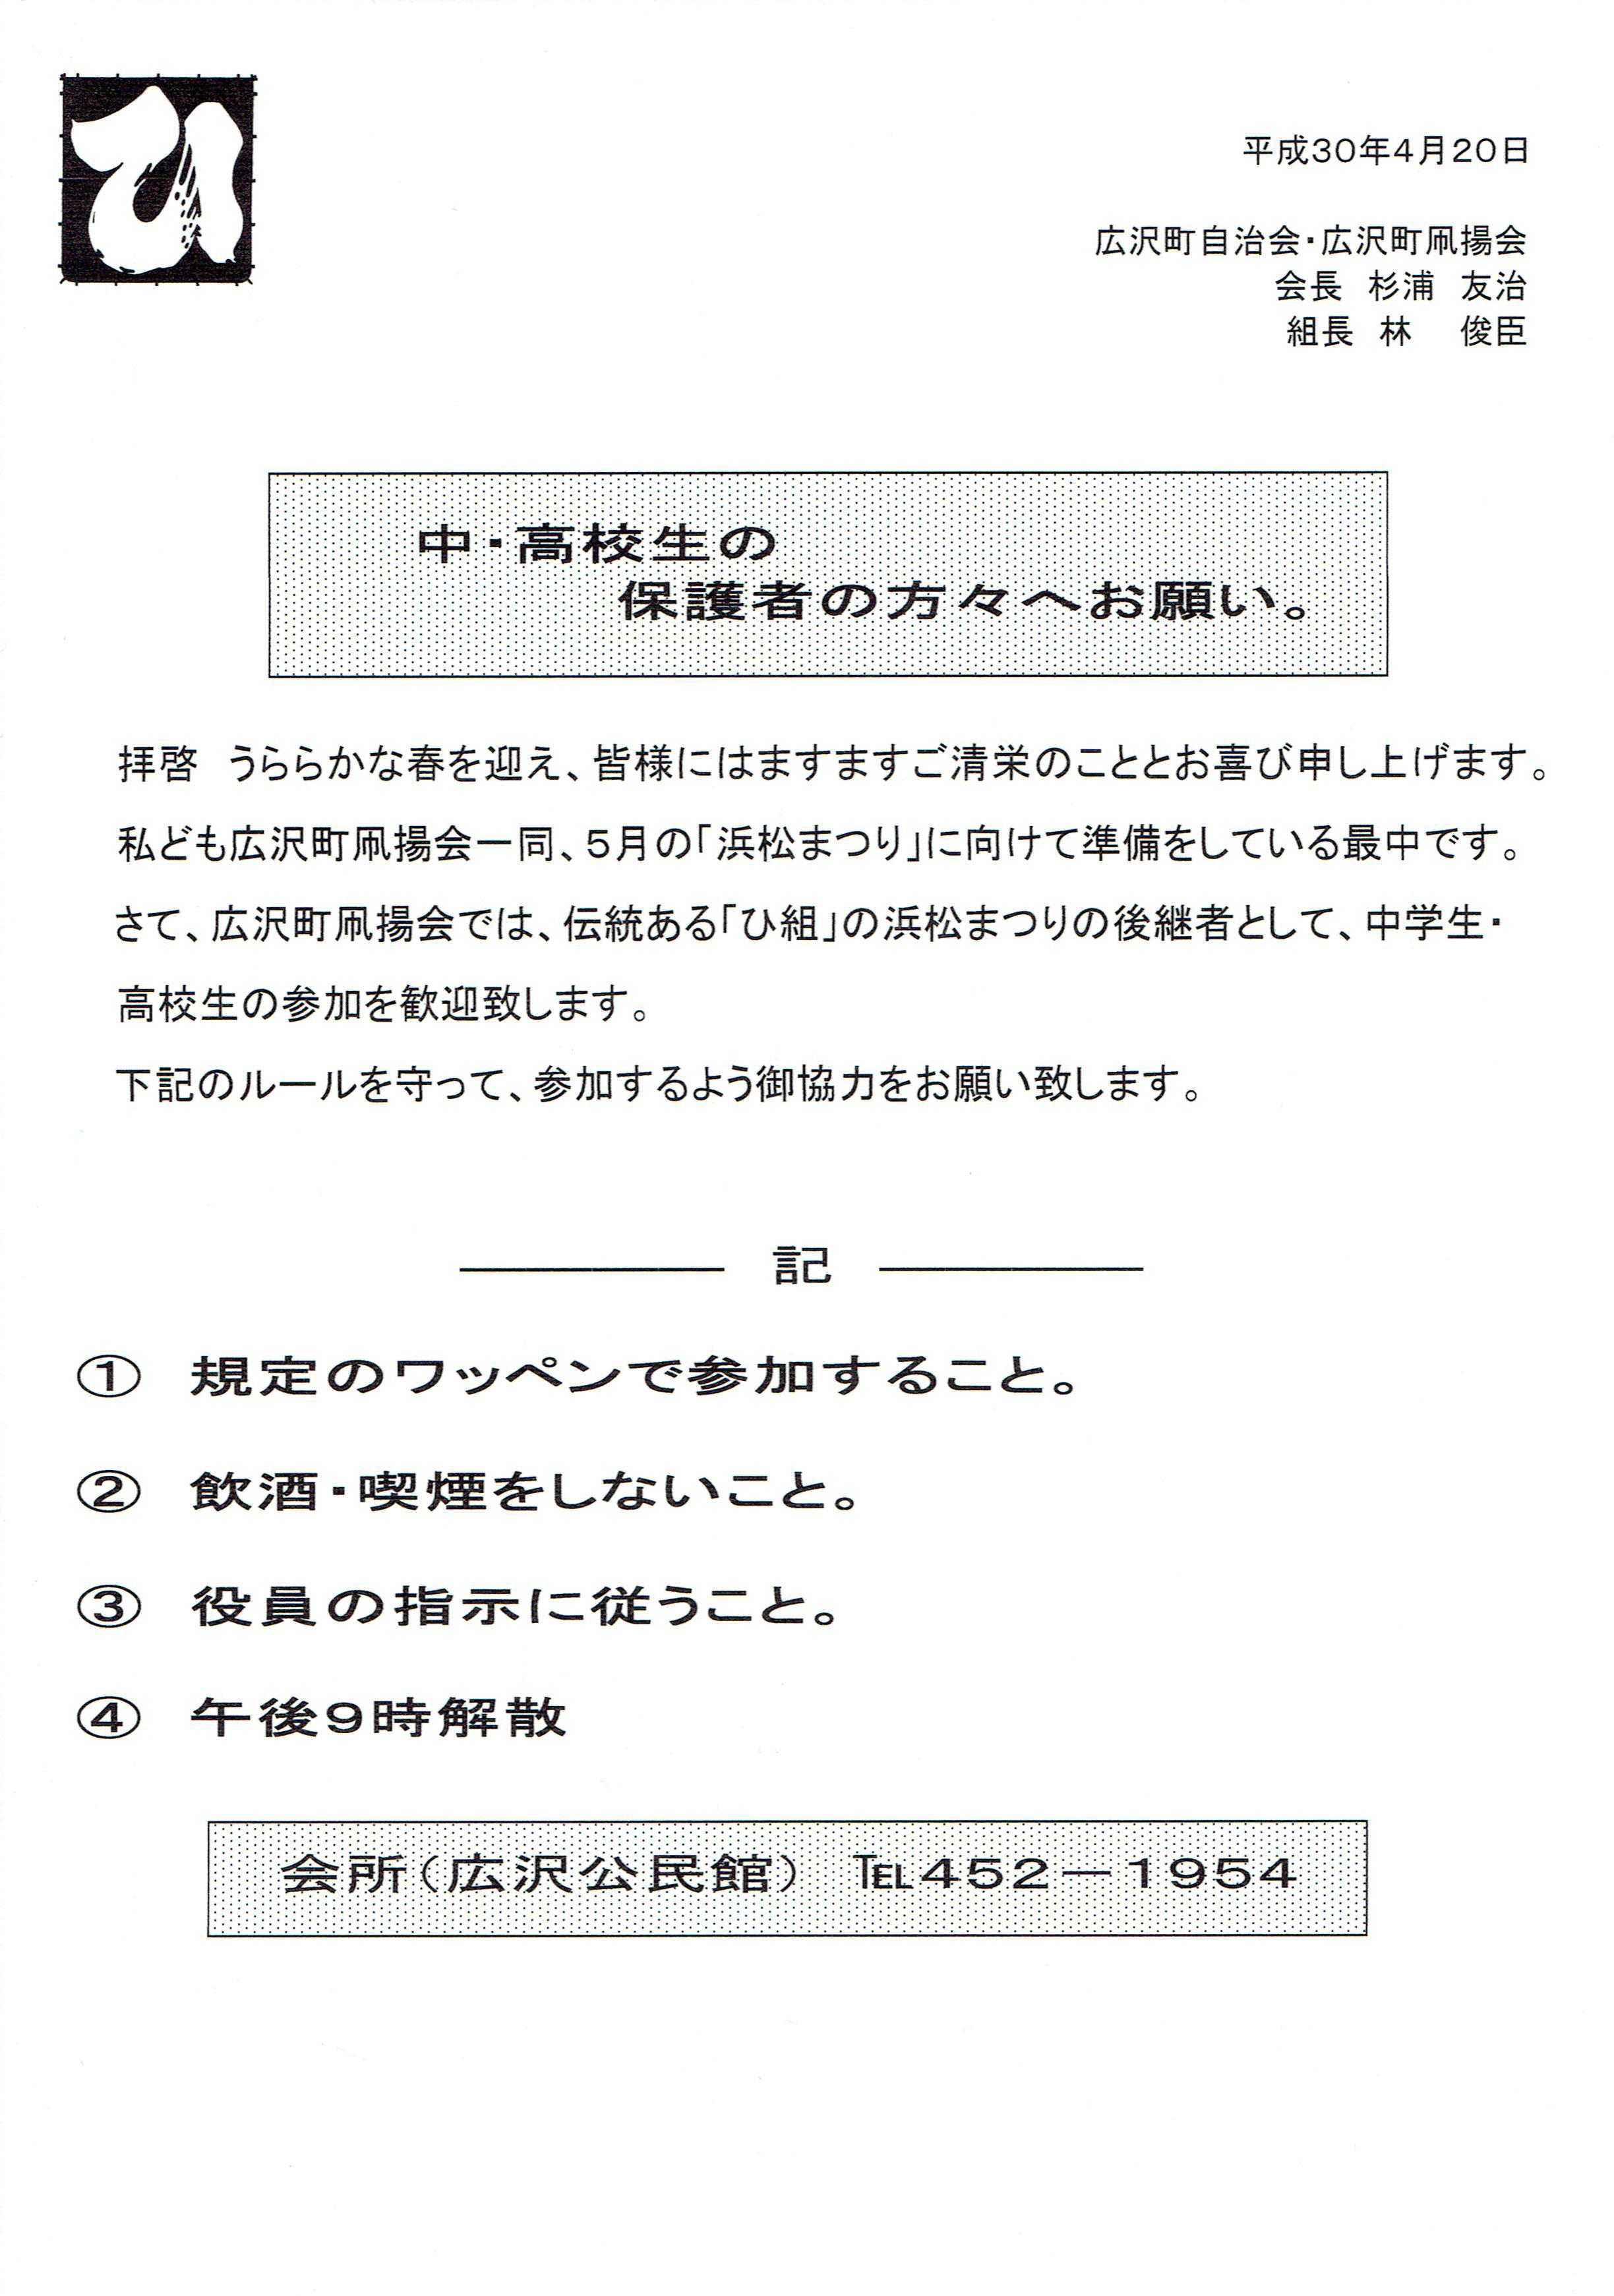 【回覧資料 平成30年4月20日】中・高校生の保護者の方々へお願い